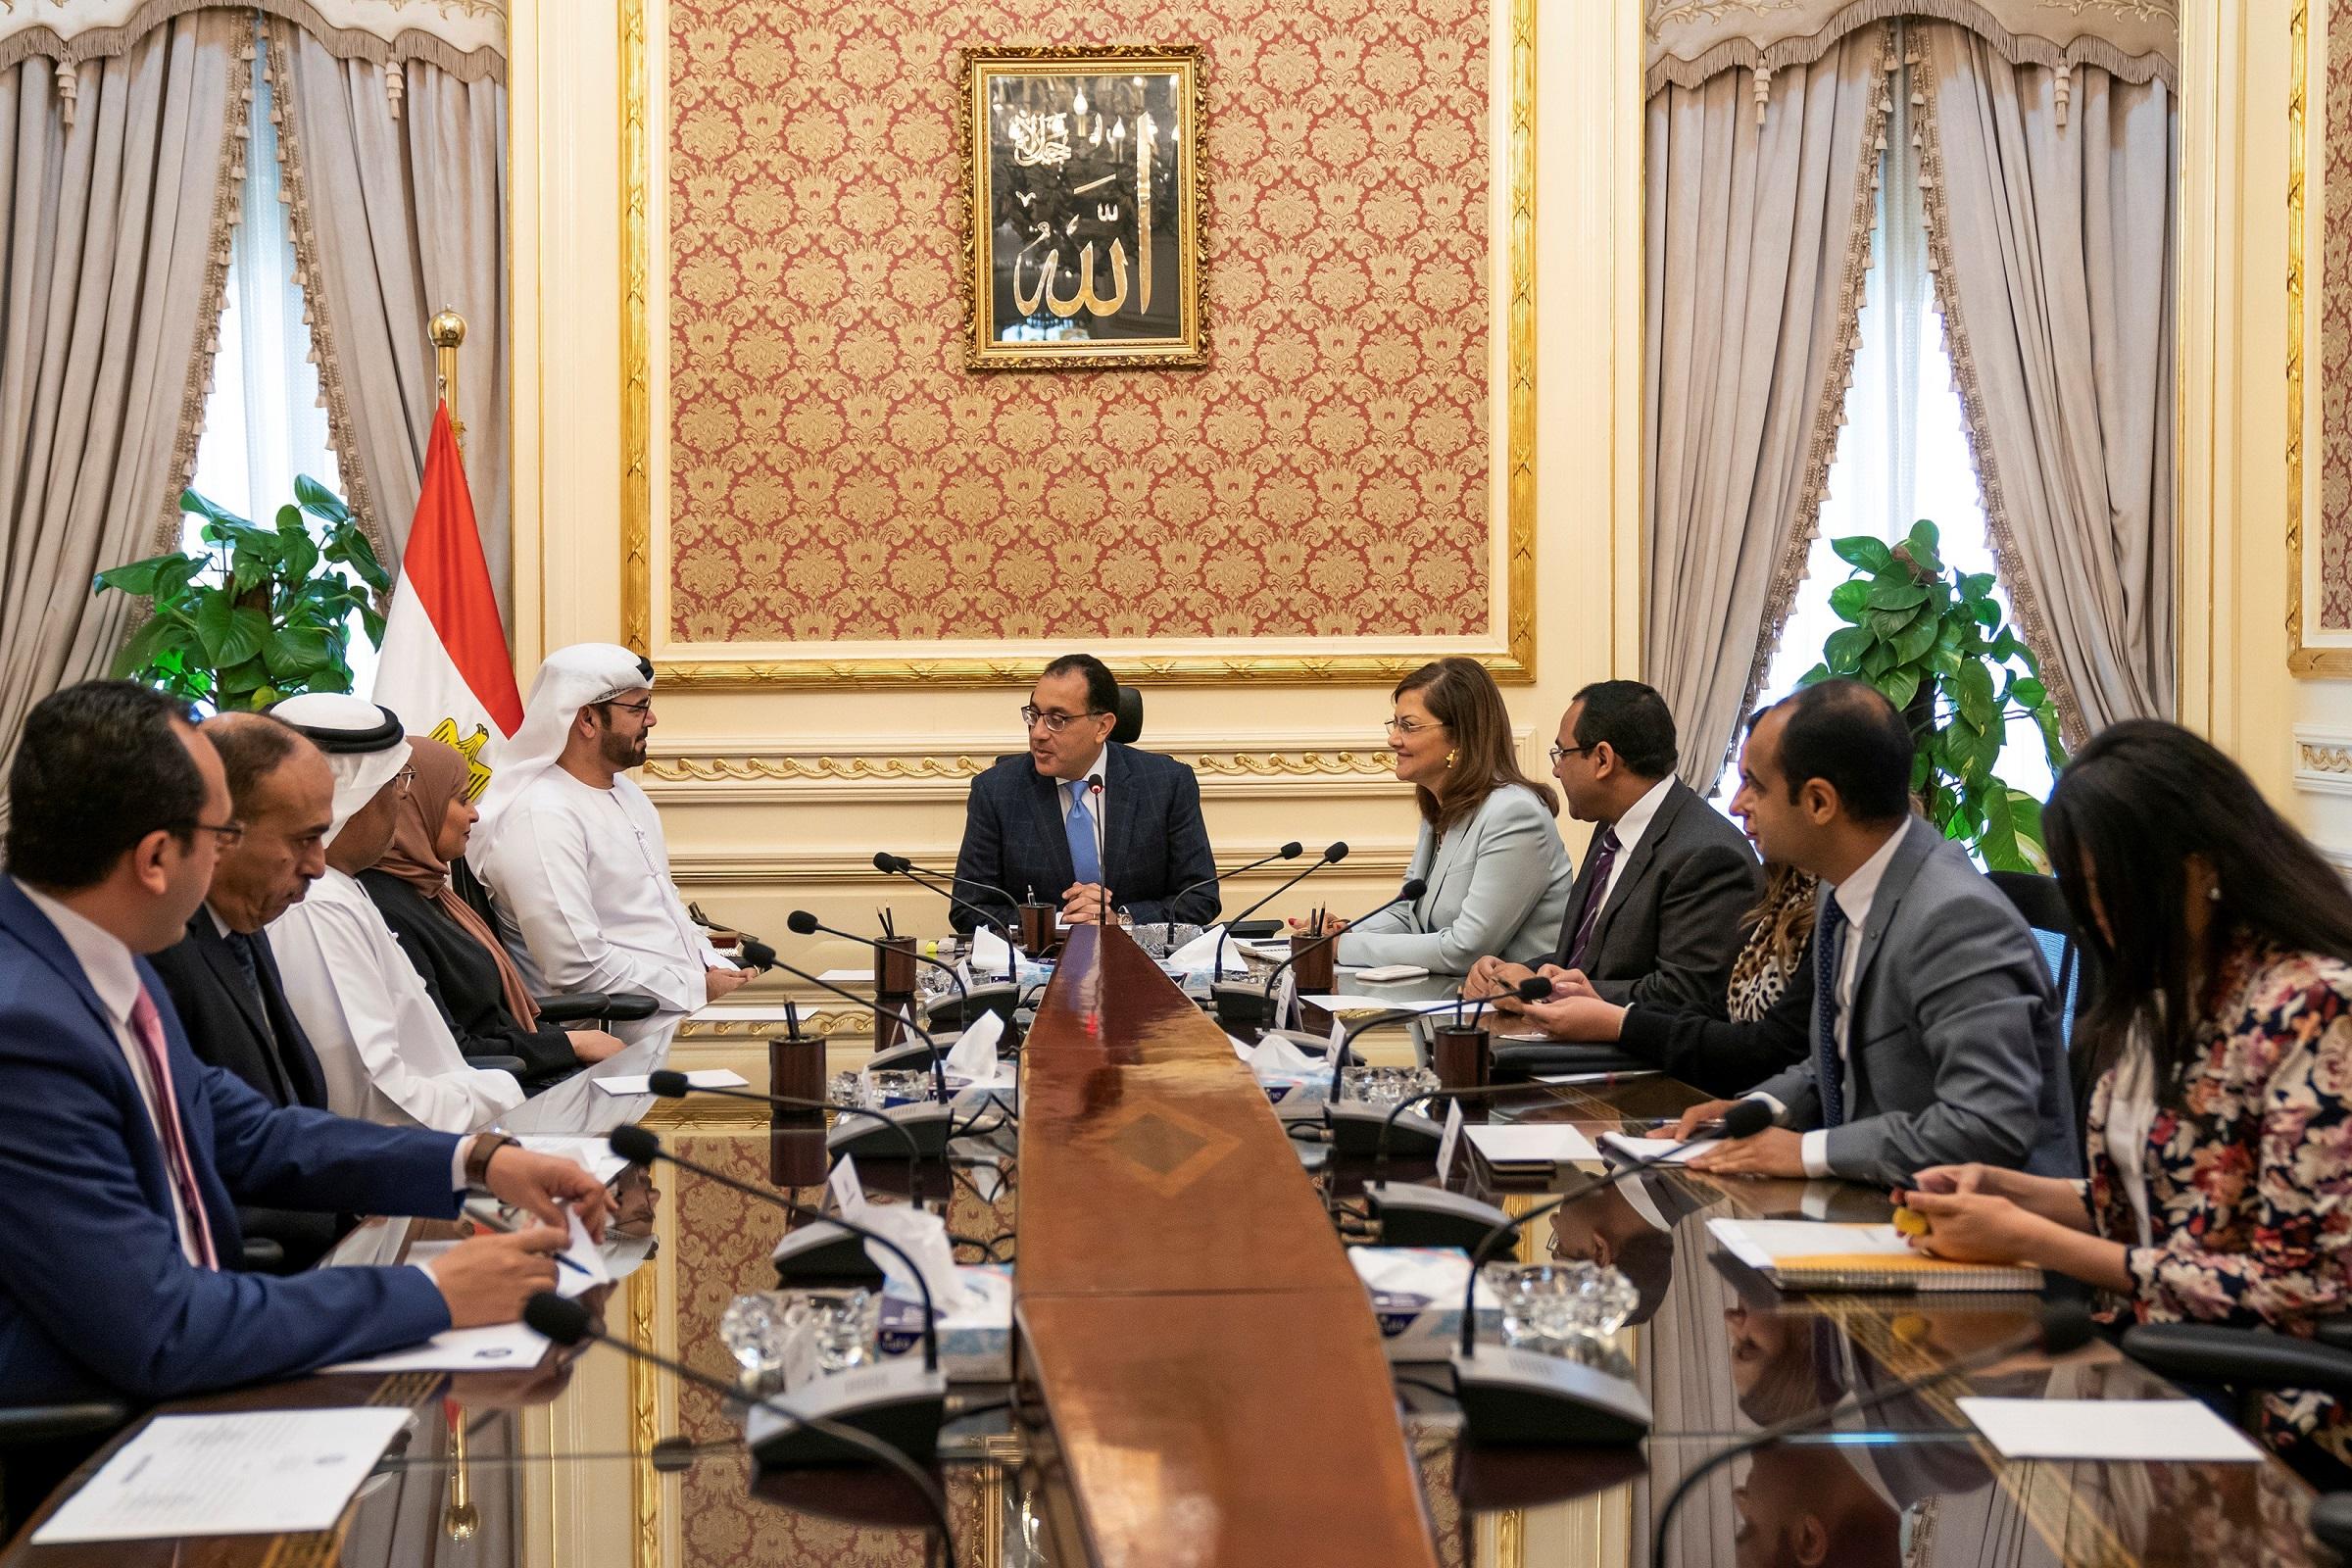 رئيس الوزراء المصري يستقبل وفد حكومة الإمارات .. ويشيد بمخرجات الشراكة الاستراتيجية بين البلدين